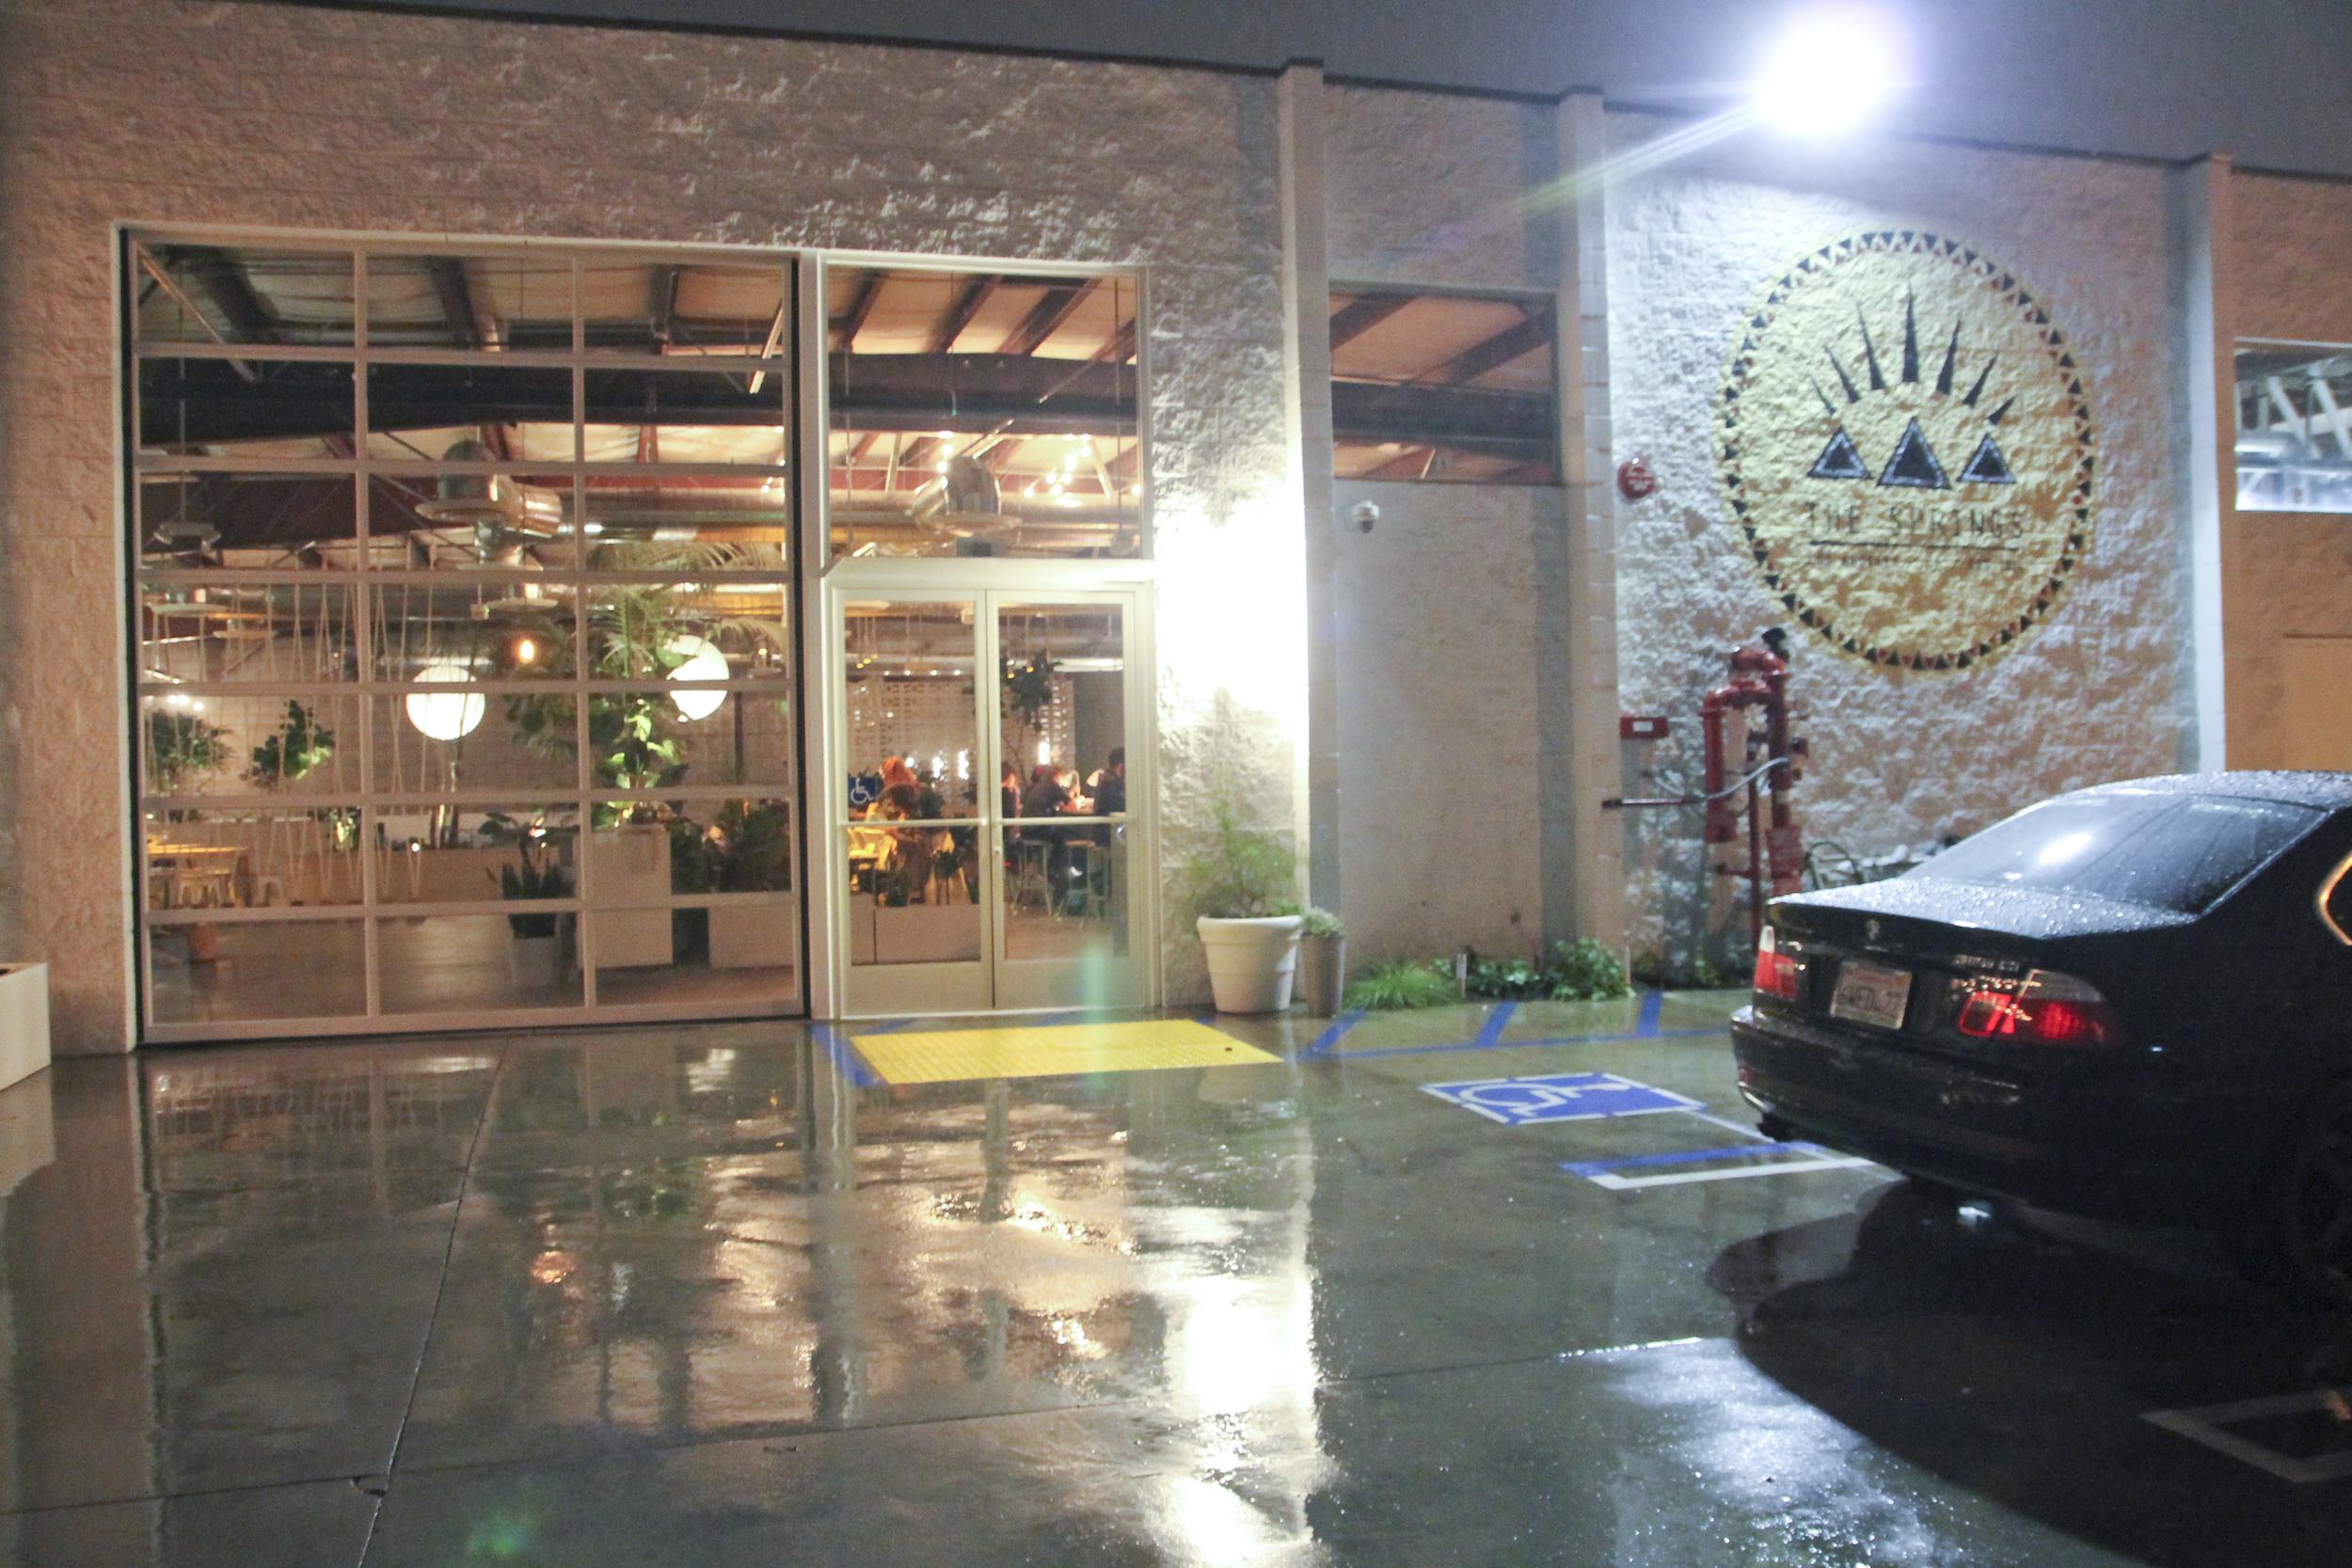 Springs art district downtown los angeles vegan2574.jpg